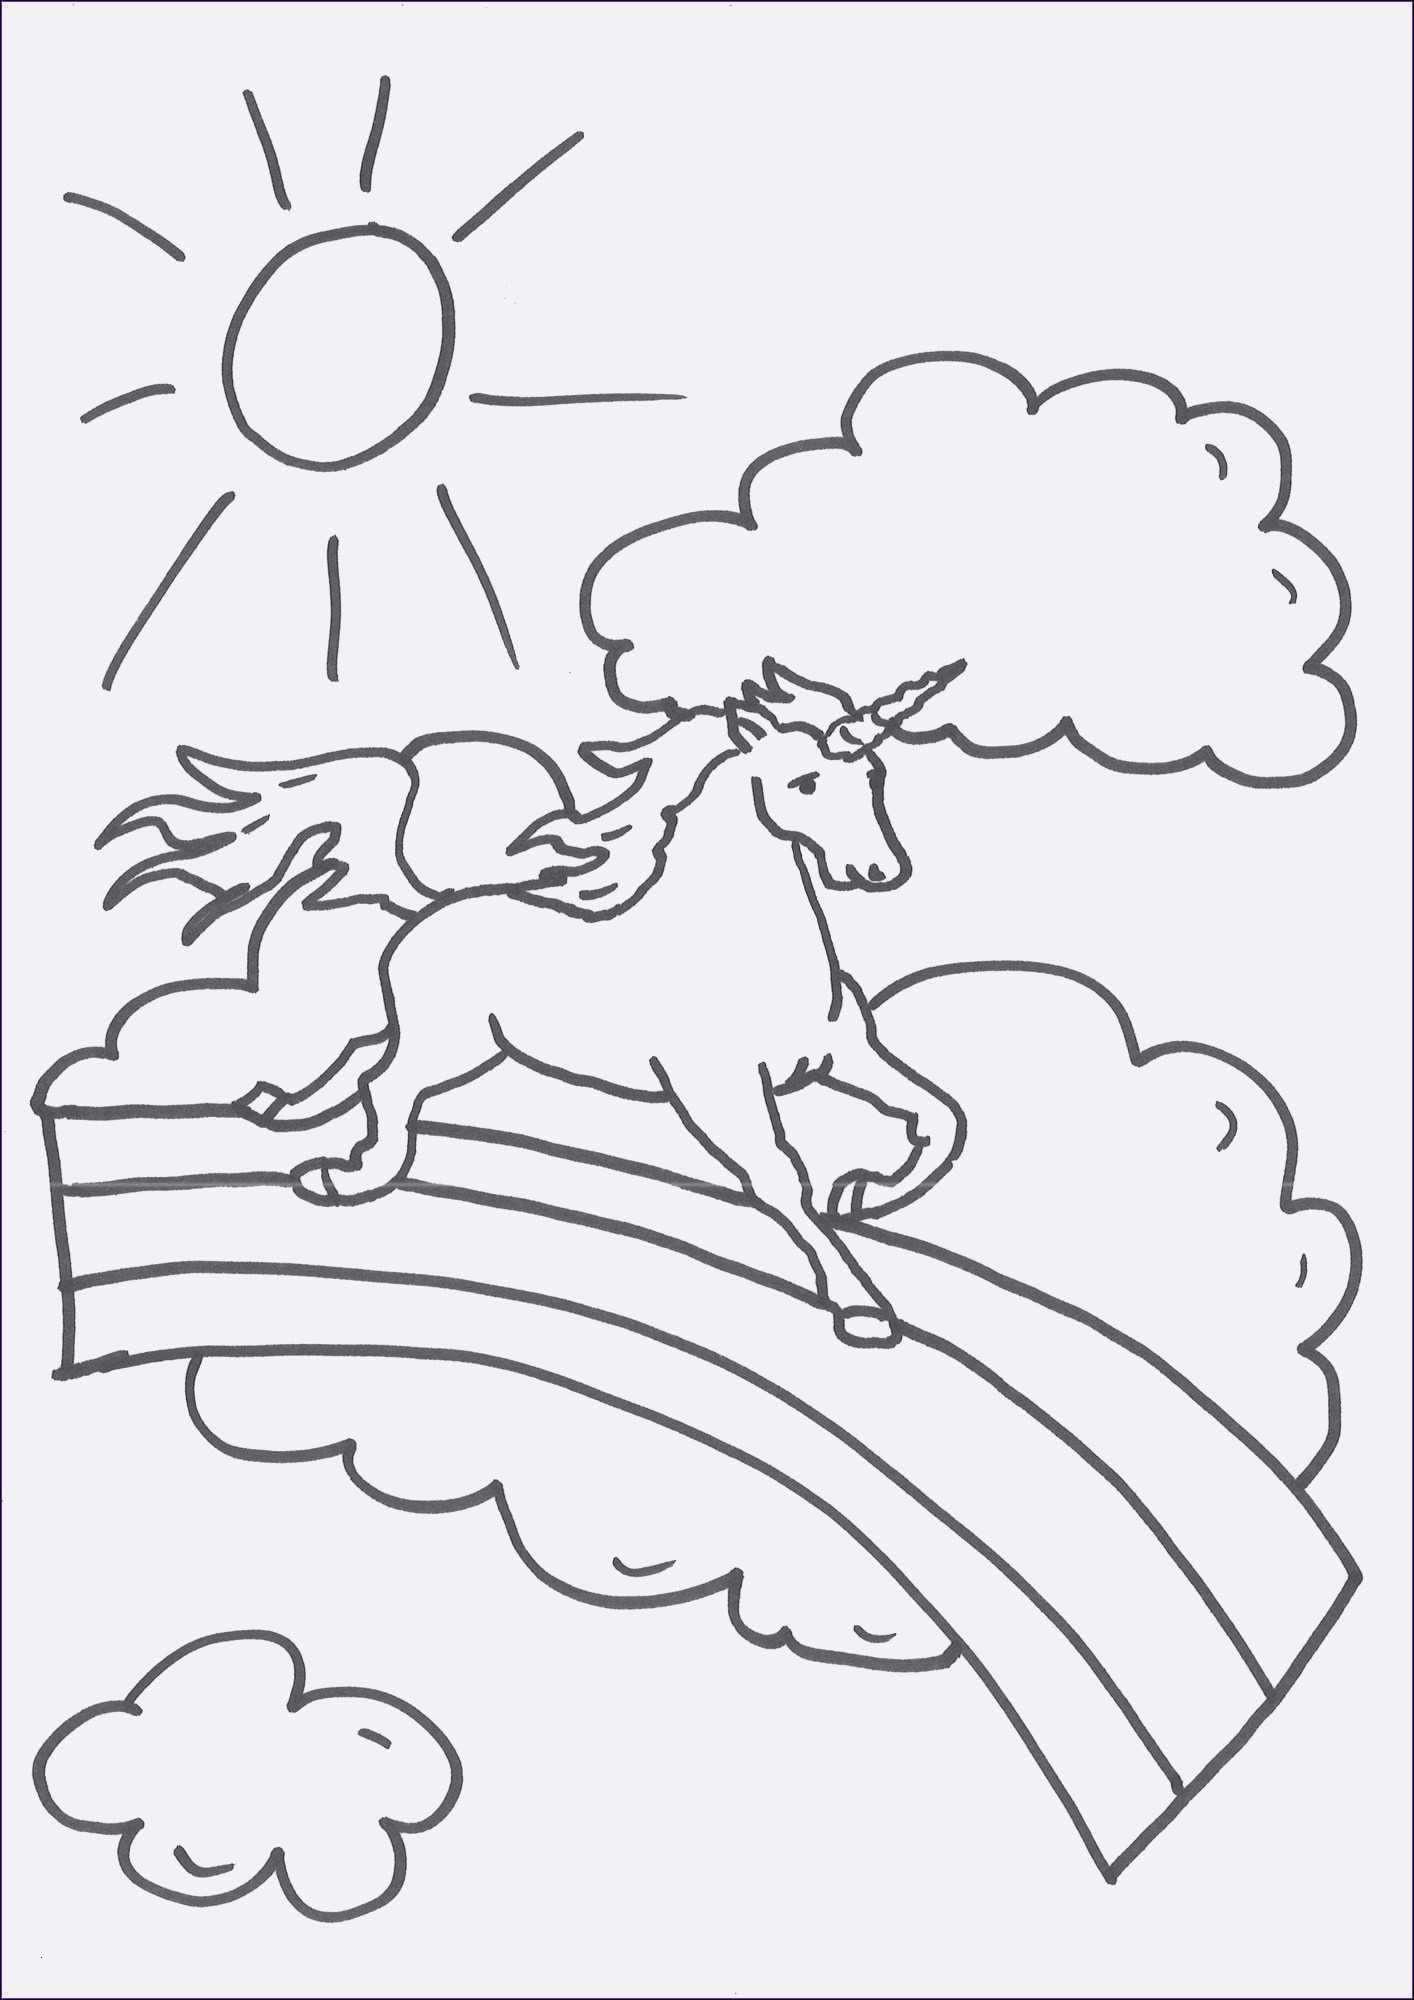 Ausmalbilder 40. Geburtstag Genial 45 Genial Bastelideen Winter Kindergarten Galerie Das Bild